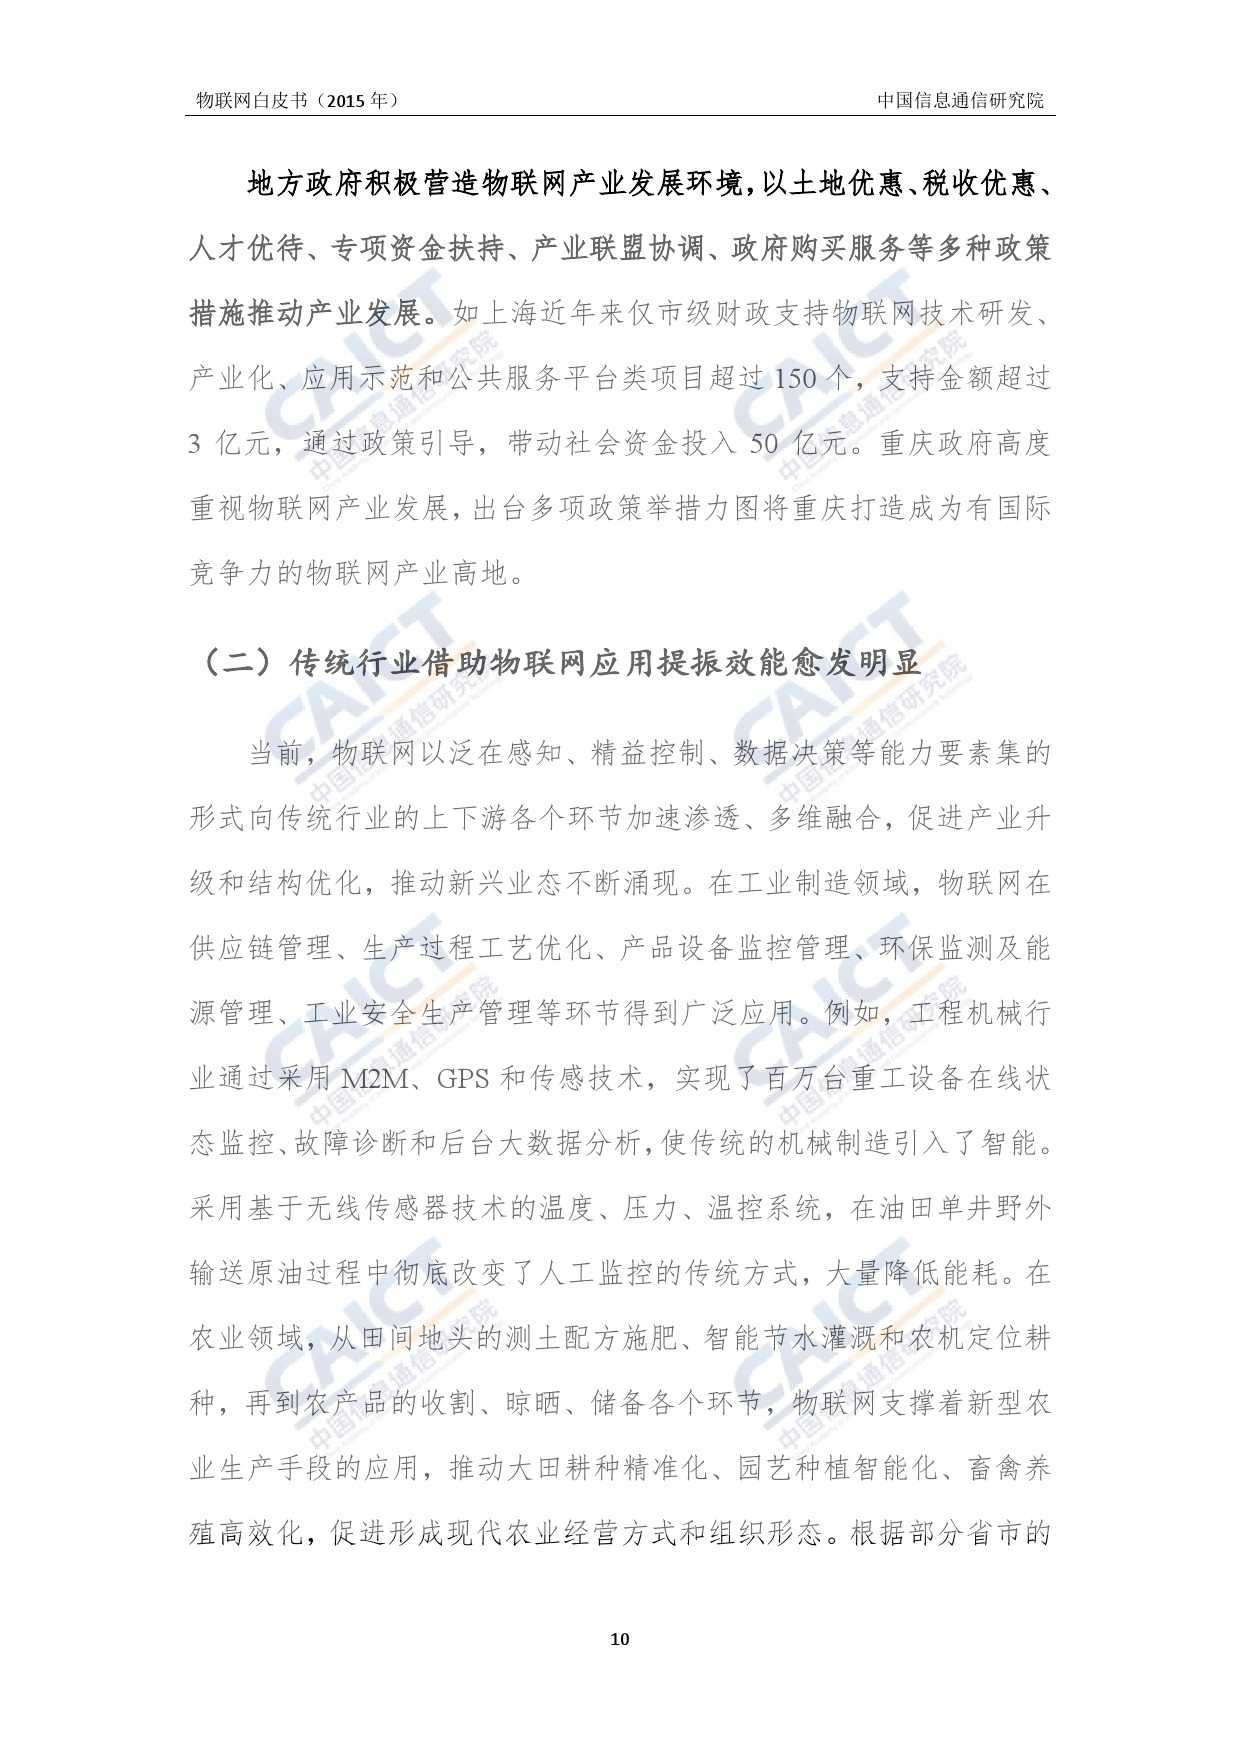 中国信息通信研究院:2015年物联网白皮书_000014